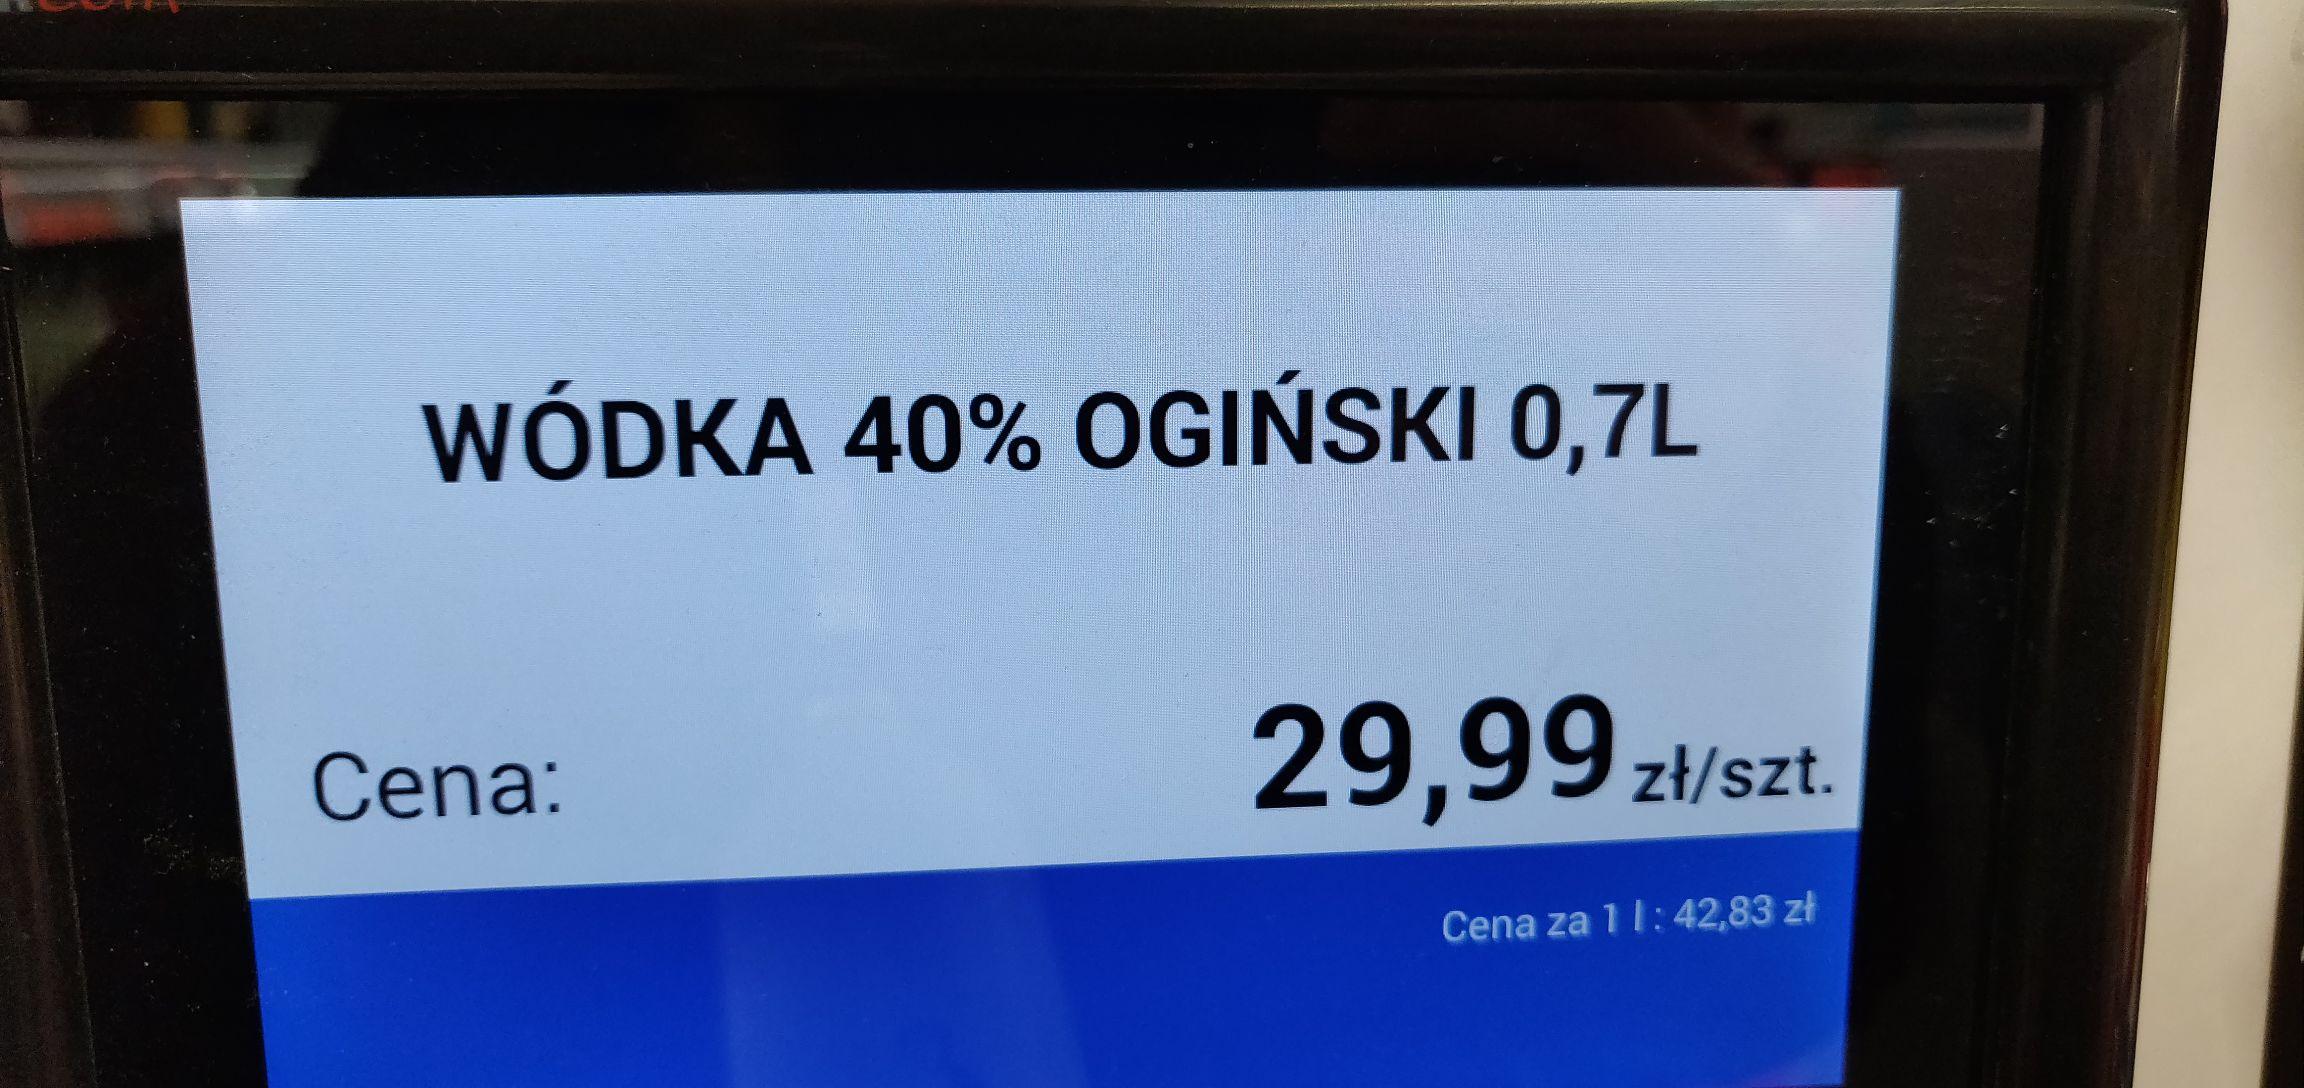 Wódka Ogiński 0,7l Biedronka